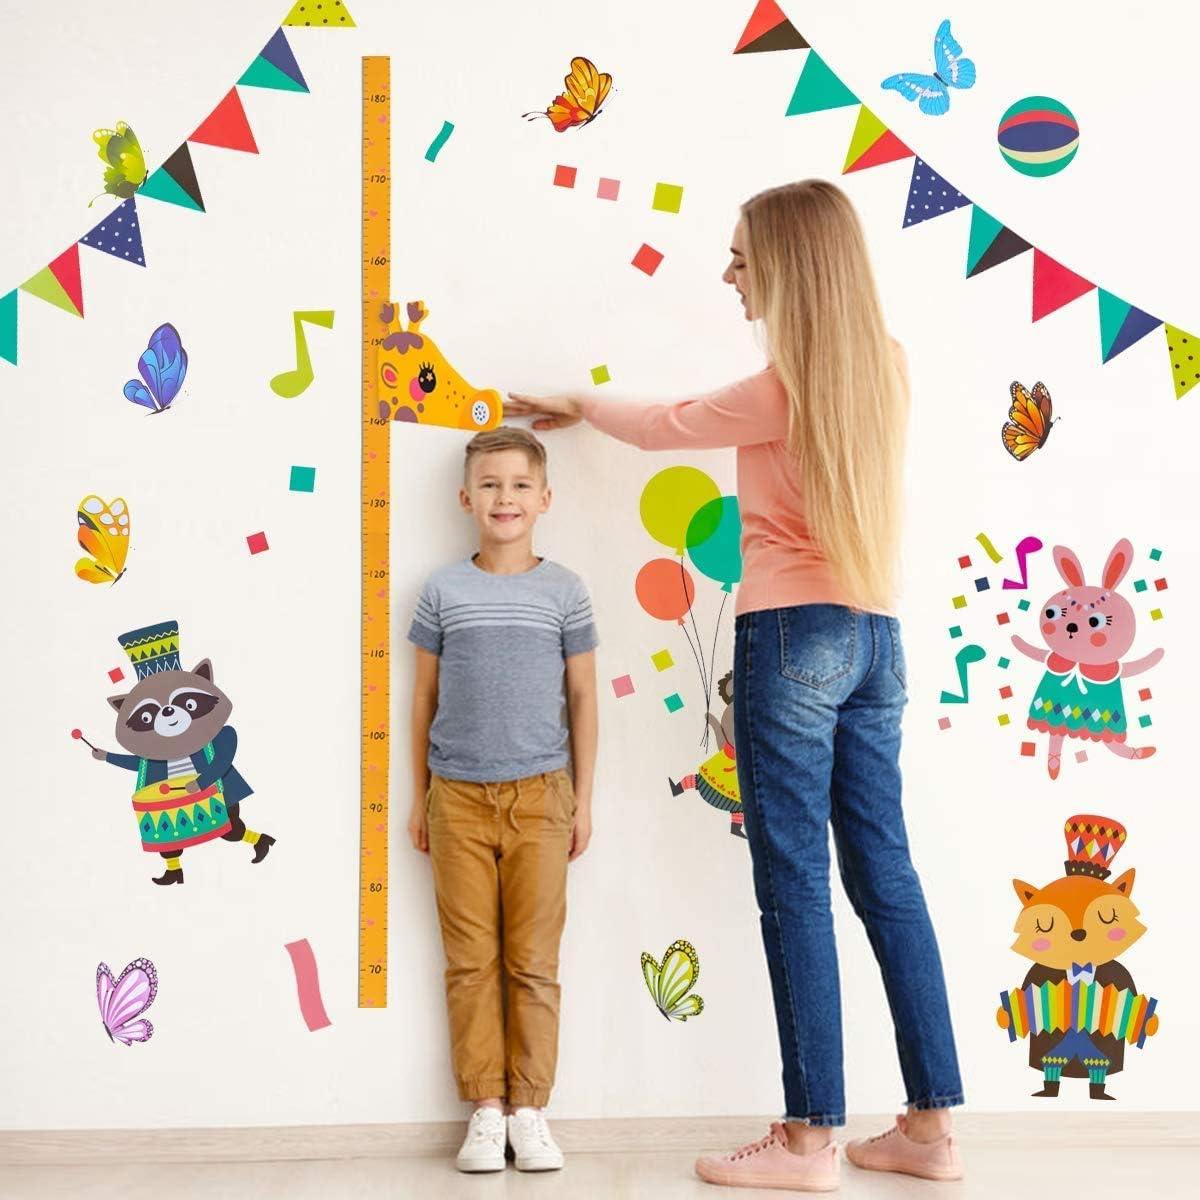 Lorcoo Tabla de Crecimiento Infantil Medidor de Altura para Ni/ños 3D Jirafa Regla de Altura para ni/ños con Decoraci/ón de la Pared